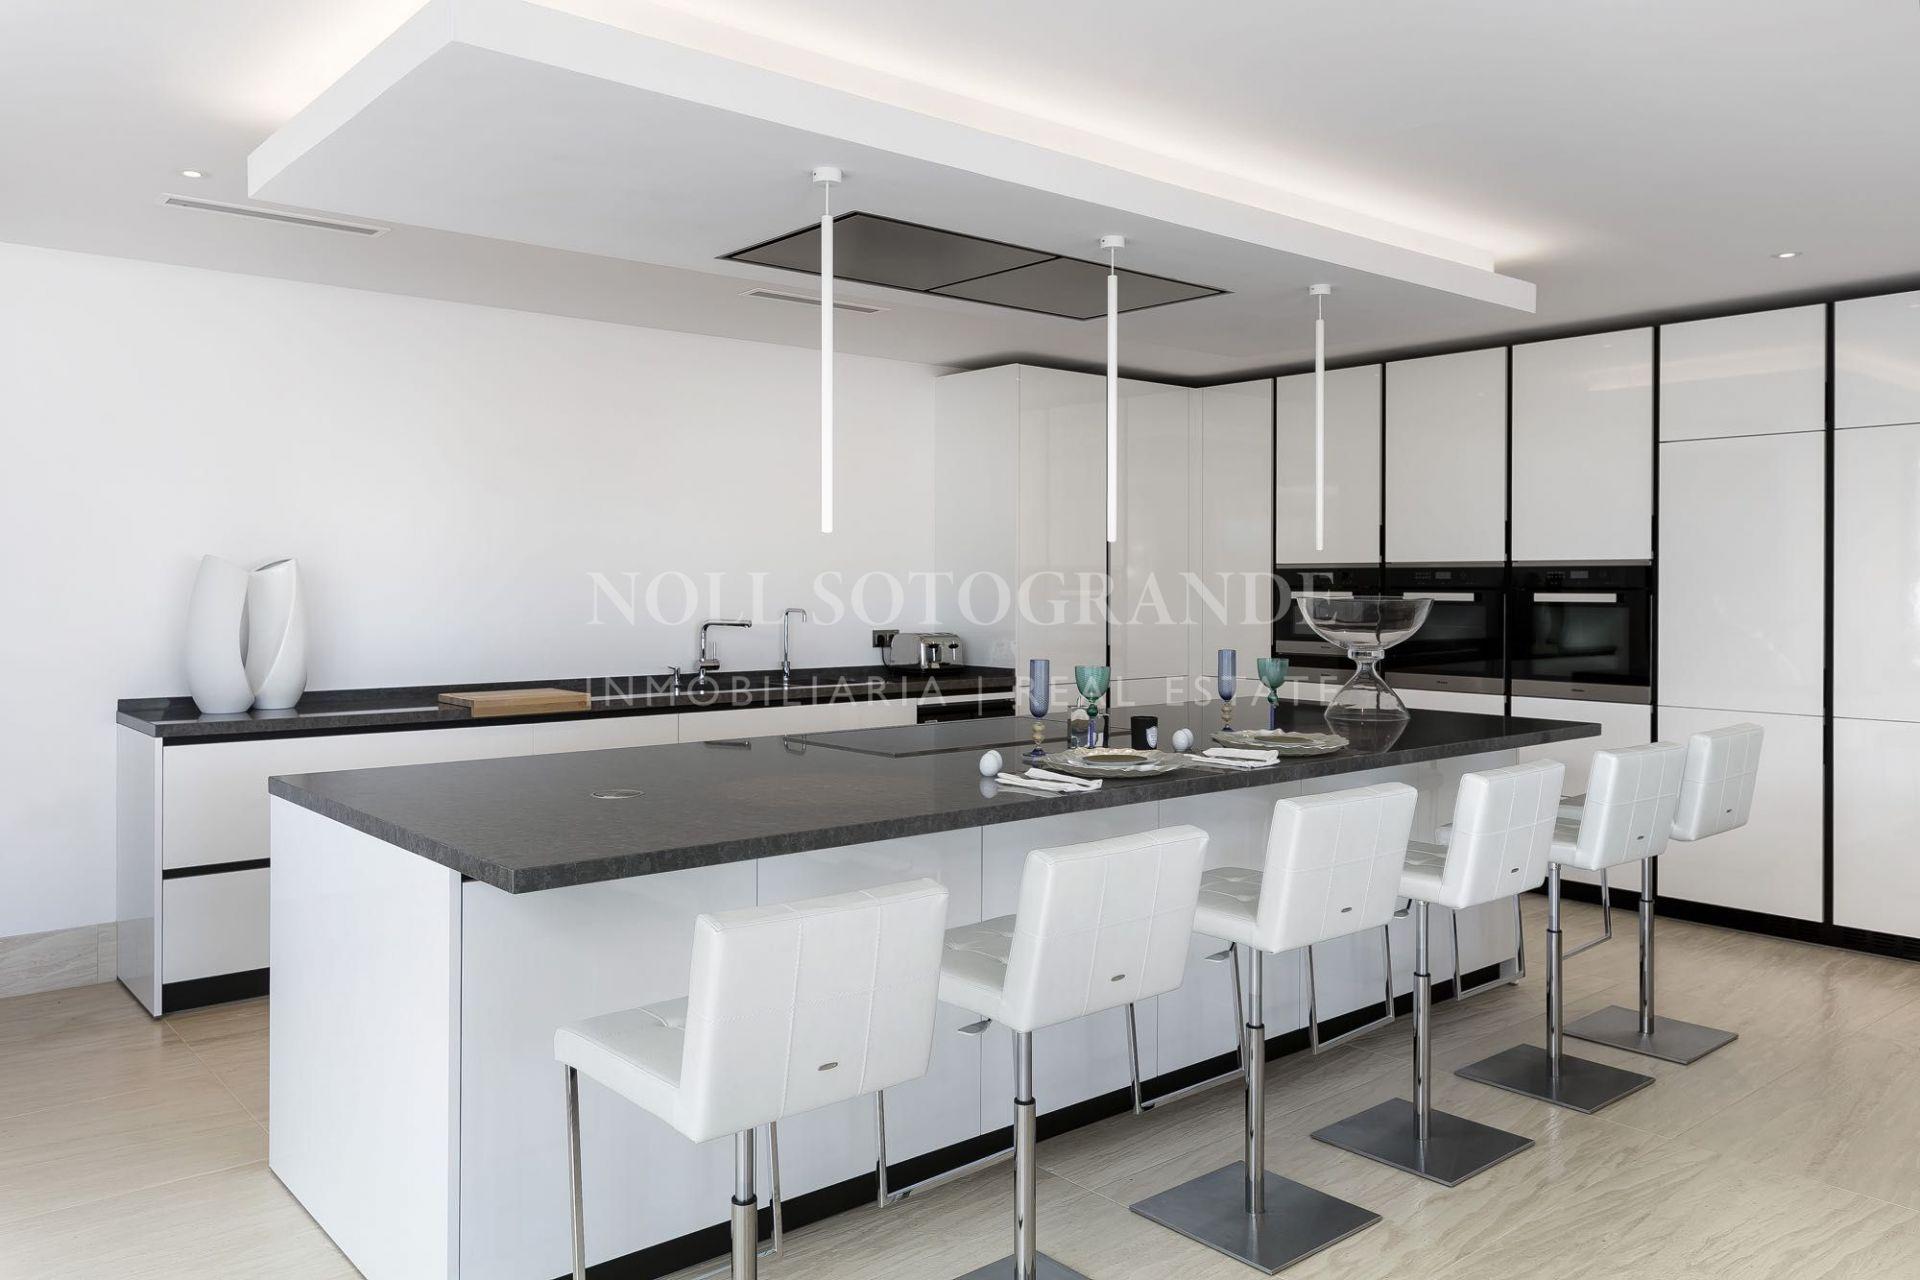 Sotogrande, Luxury Villa for holiday rentals